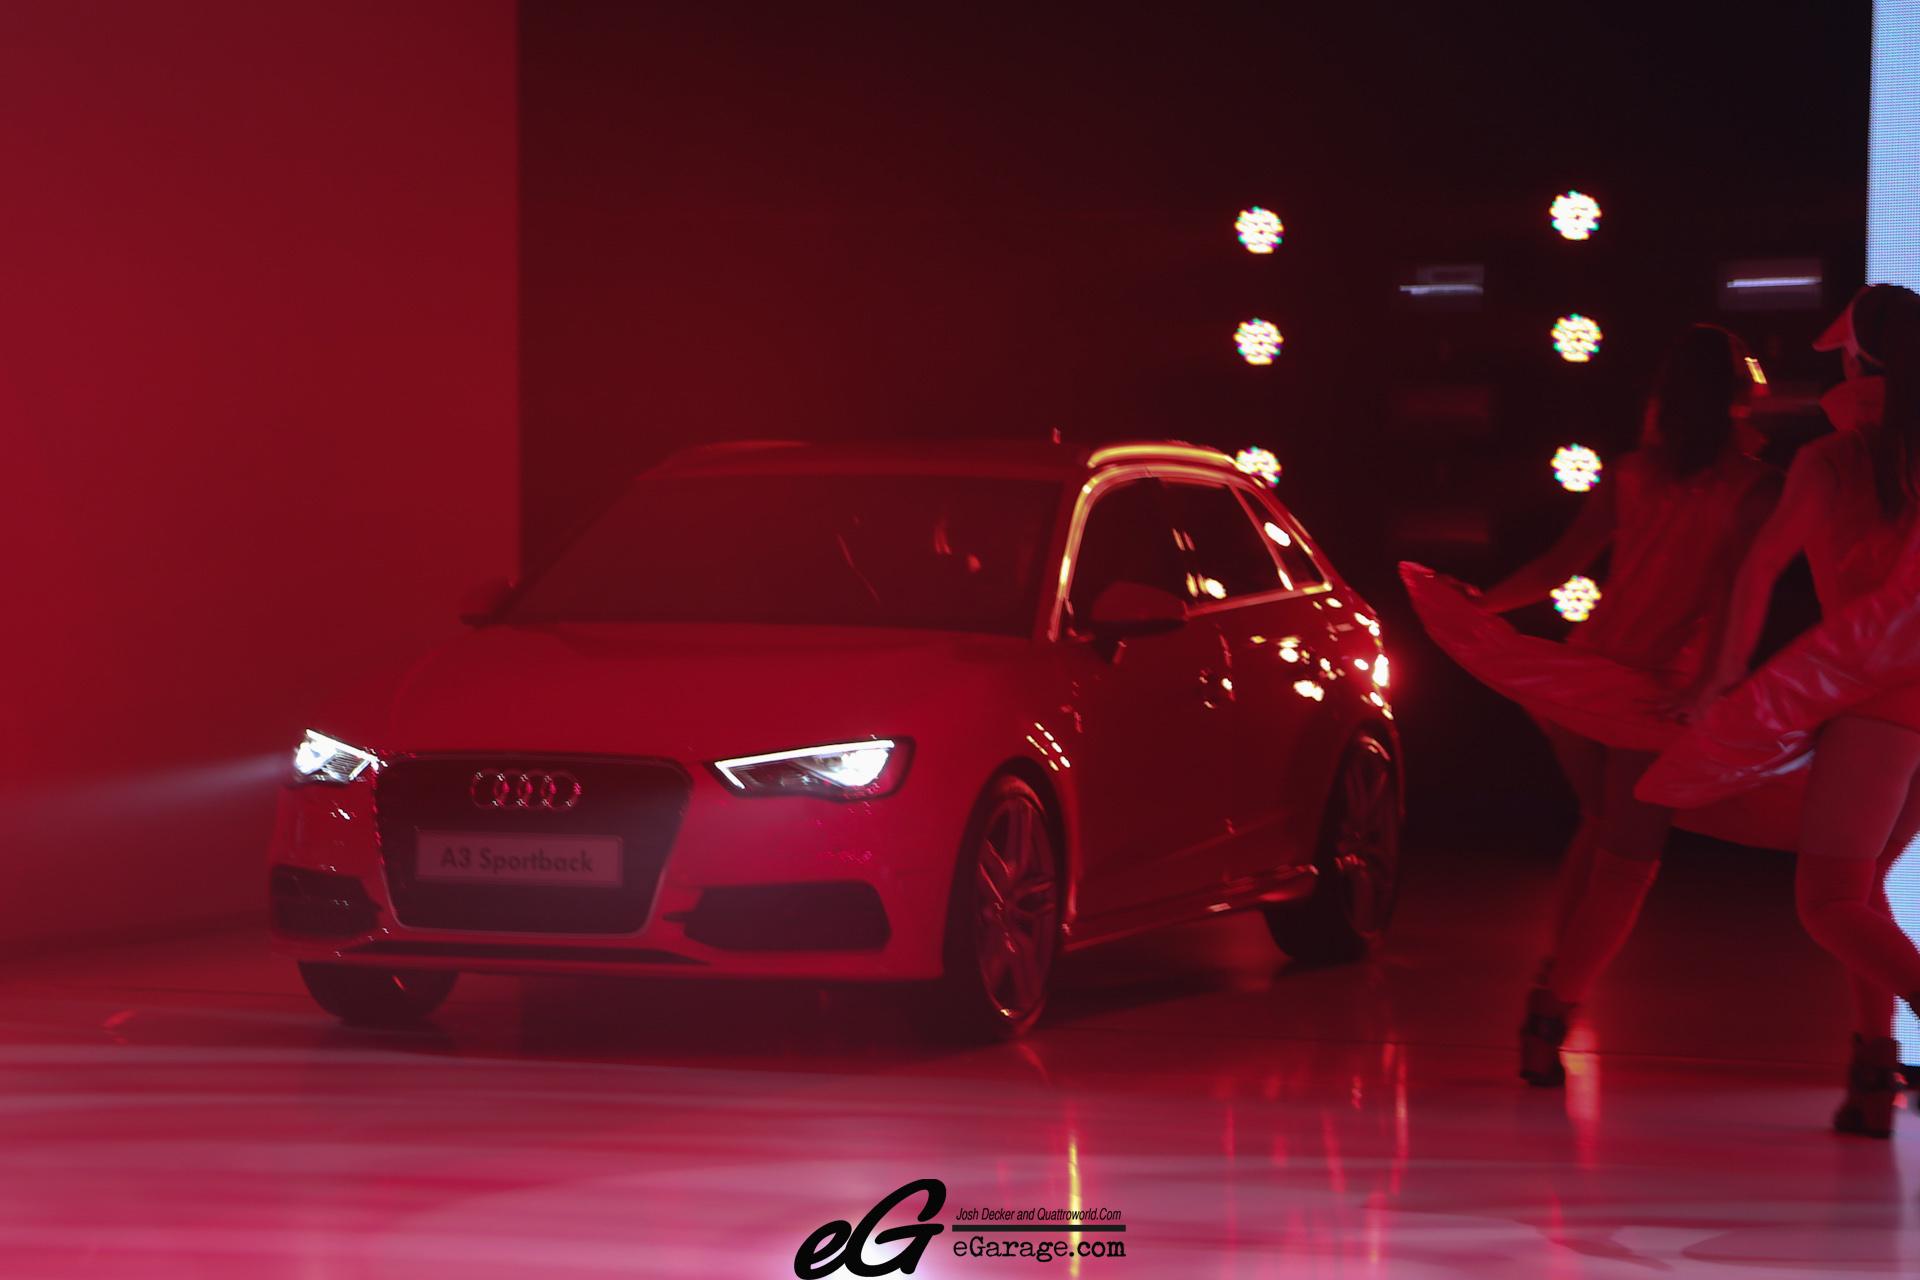 8030387666 d0afce9866 o 2012 Paris Motor Show